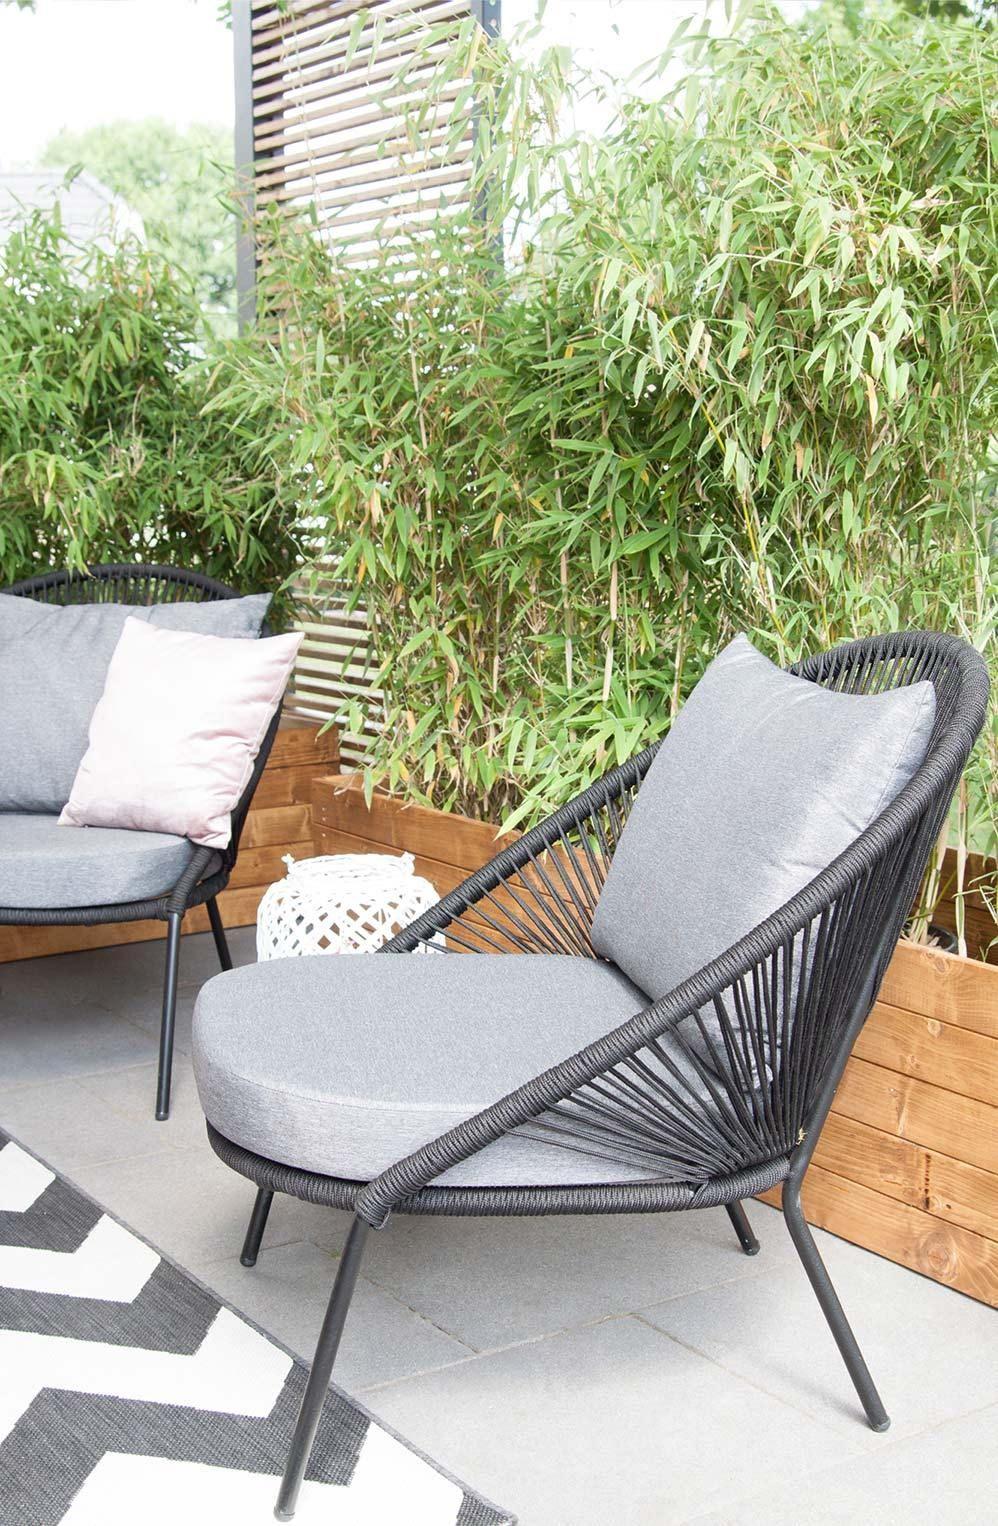 Terrassen Makeover Superschone Neue Loungemobel Lounge Sessel